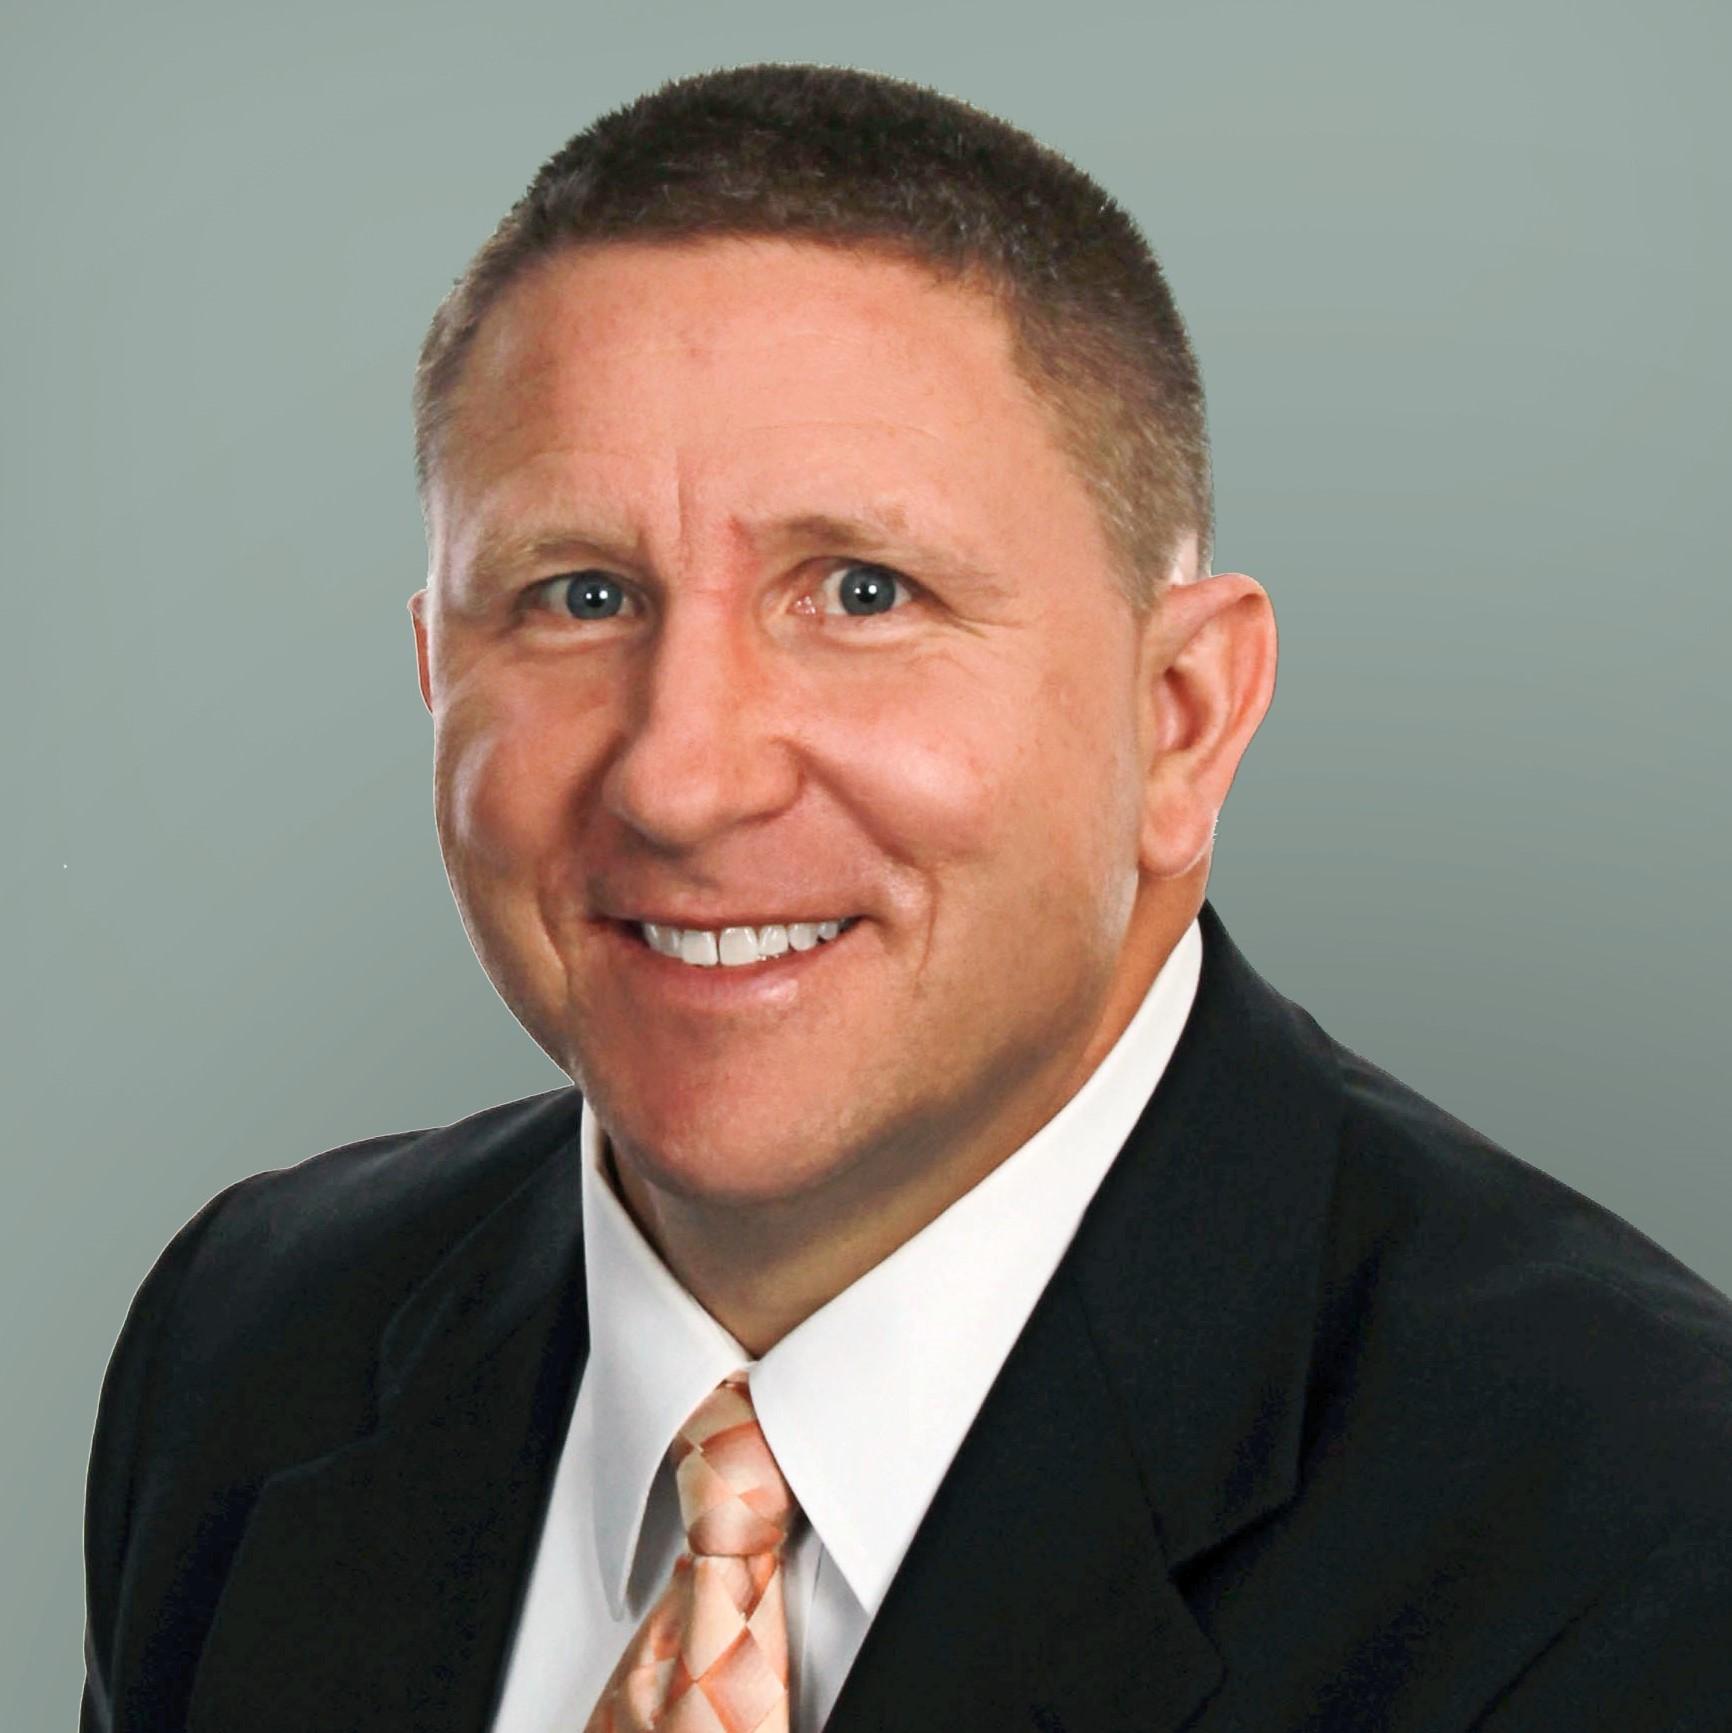 Dan Riegner<br>Vice President